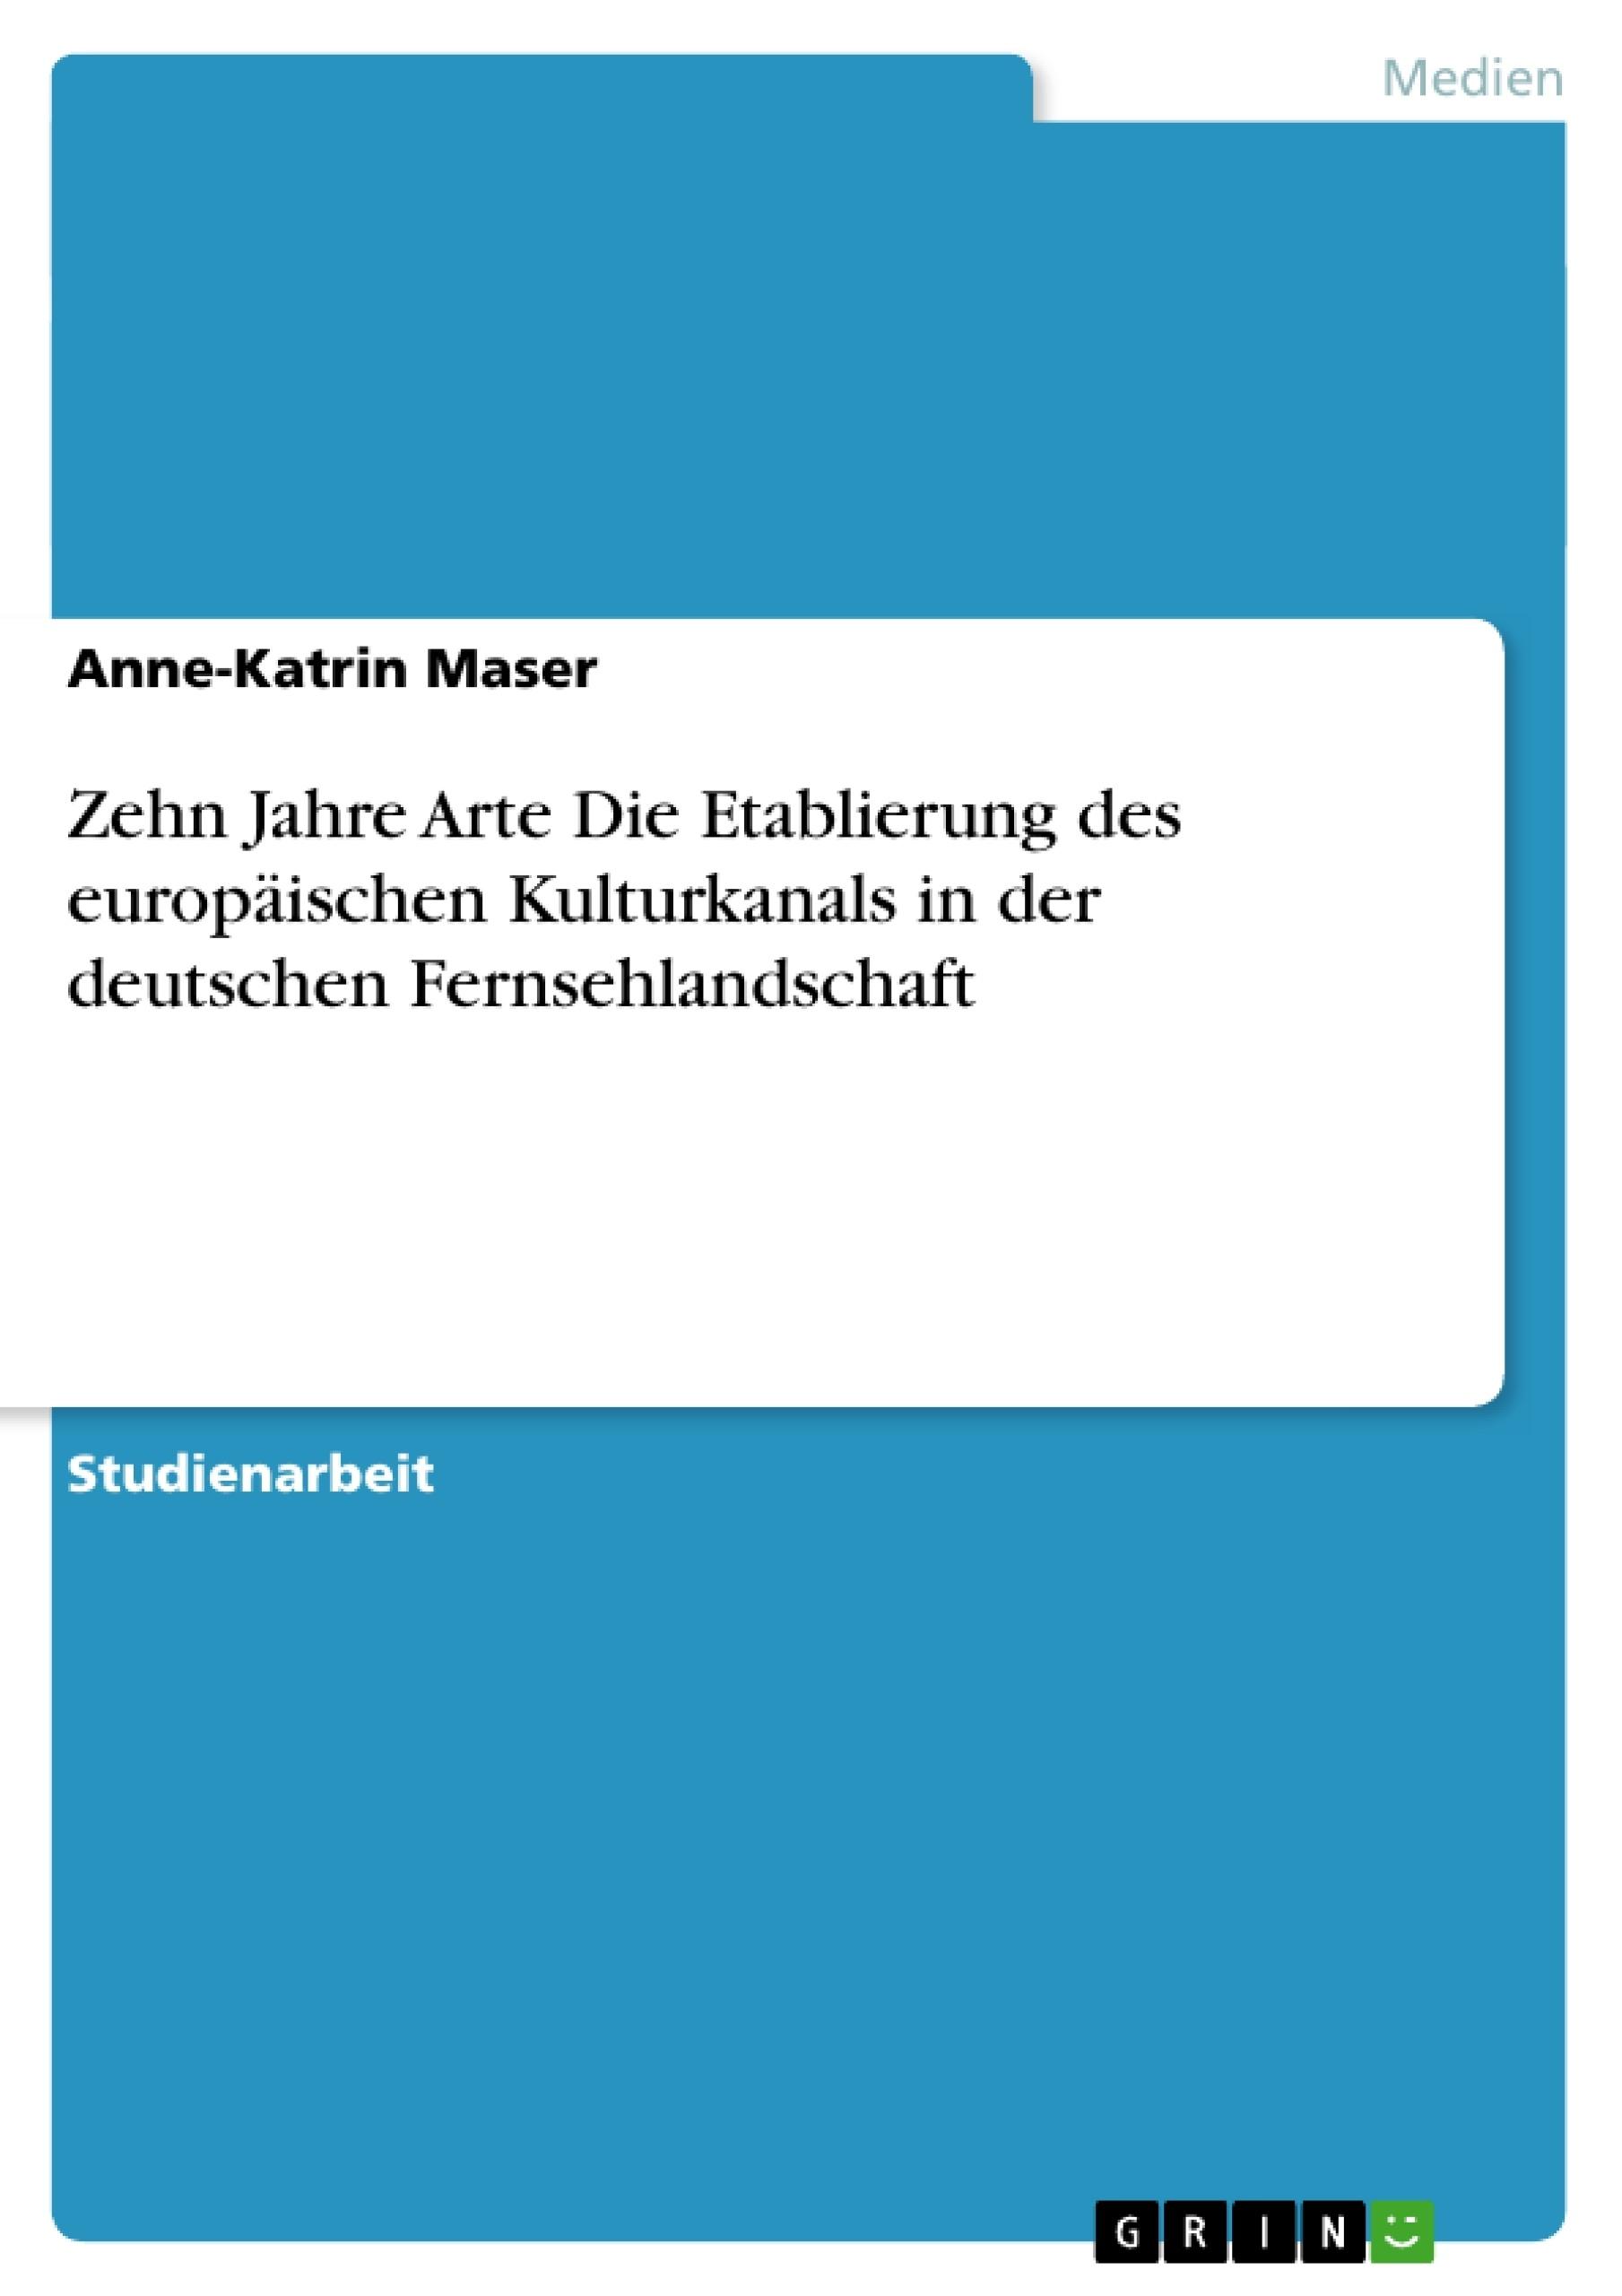 Titel: Zehn Jahre Arte Die Etablierung des europäischen Kulturkanals in der deutschen Fernsehlandschaft